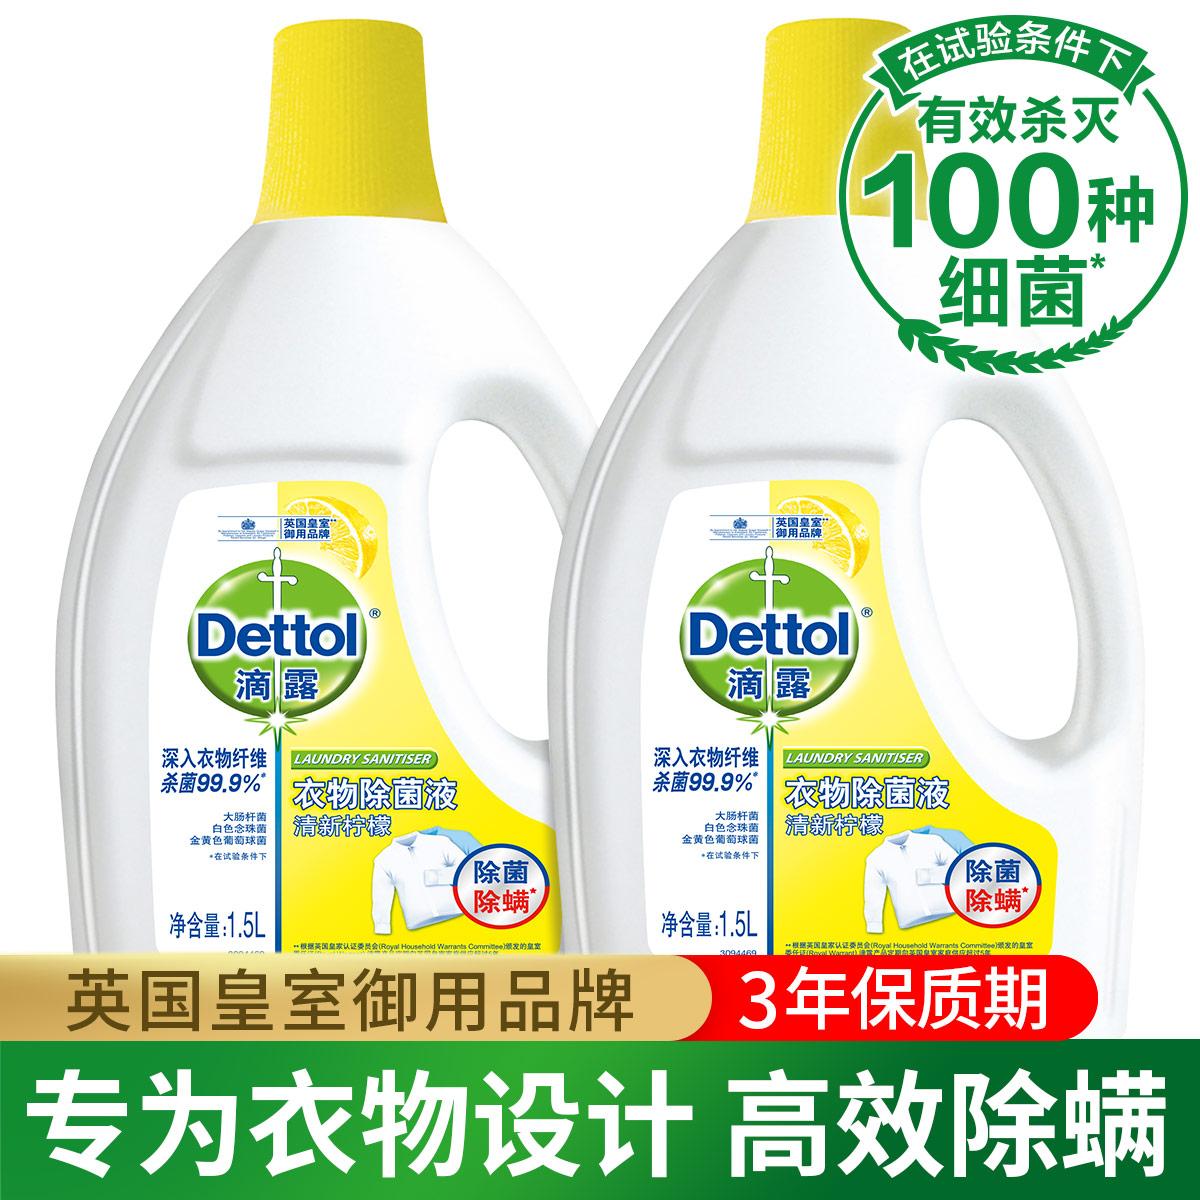 Dettol 【杀灭细菌100种】滴露衣物除菌液 衣物消毒设计 杀菌除螨 1.5L*2